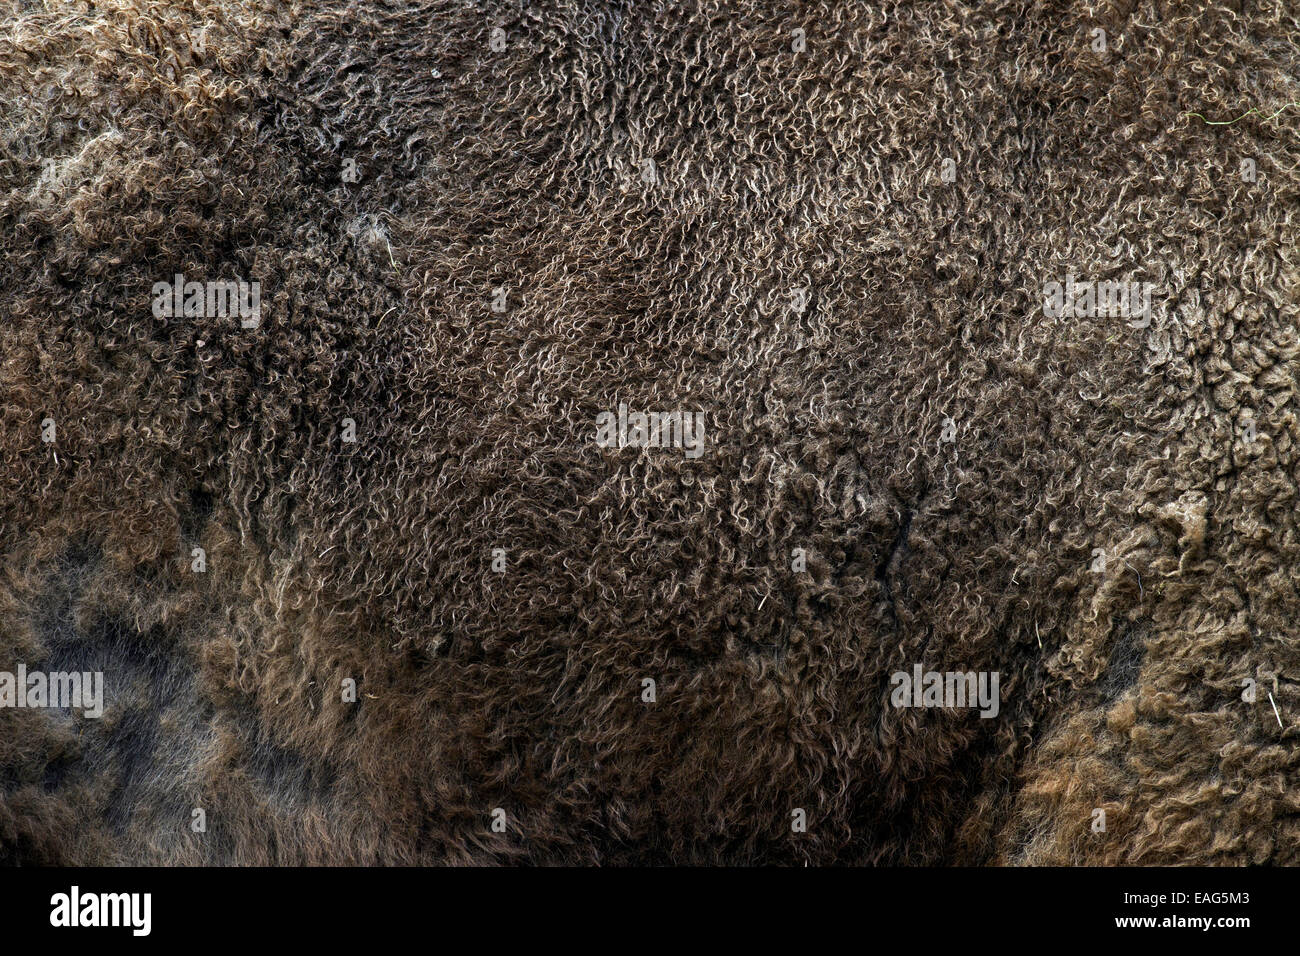 / Wisent bisonte europeo (bison bonasus) cerca de pieles Imagen De Stock